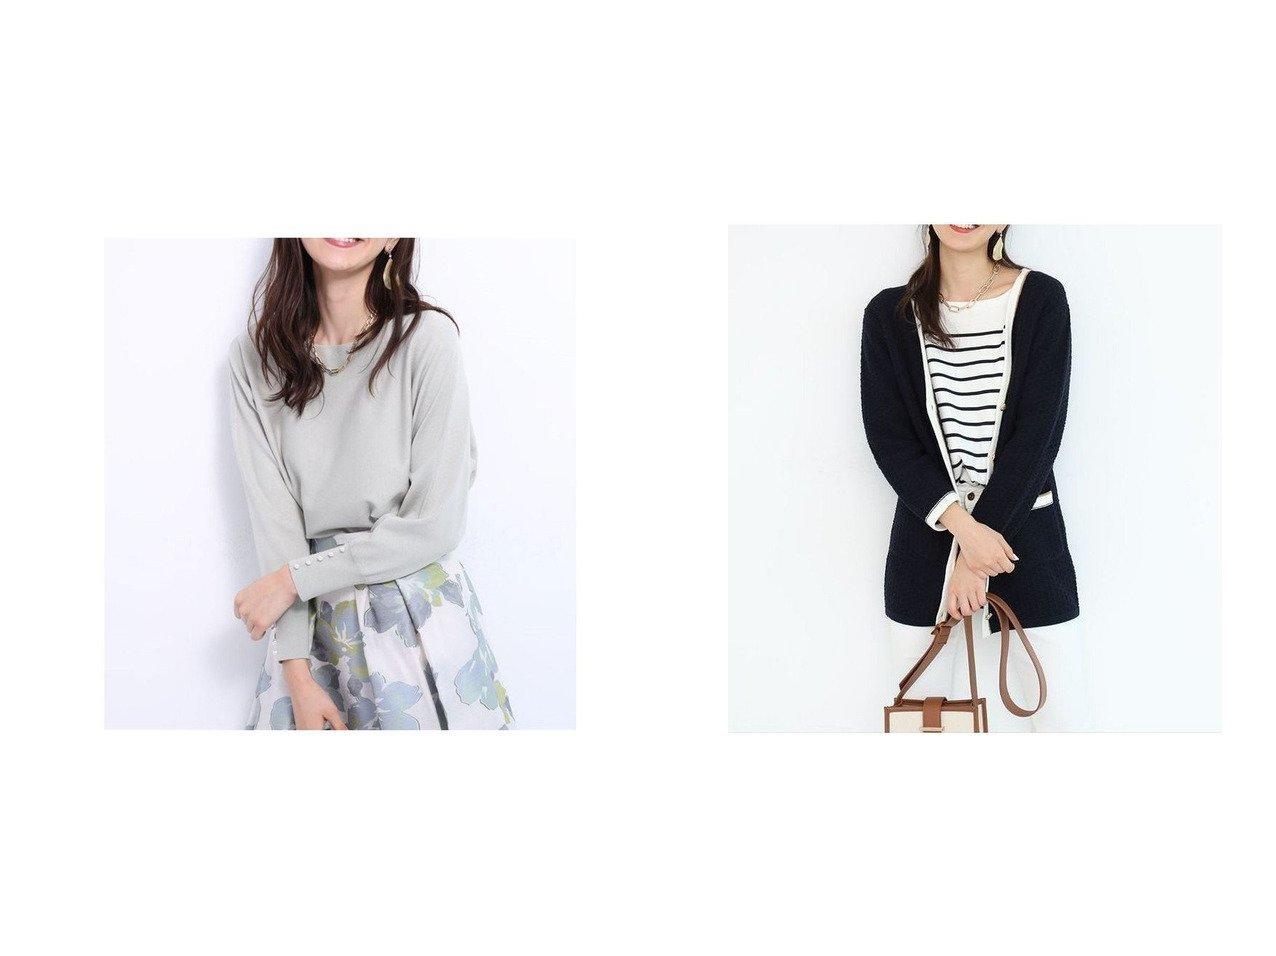 【JUSGLITTY/ジャスグリッティー】の配色ニットジャケット&ドルマンニット JUSGLITTYのおすすめ!人気、トレンド・レディースファッションの通販 おすすめで人気の流行・トレンド、ファッションの通販商品 メンズファッション・キッズファッション・インテリア・家具・レディースファッション・服の通販 founy(ファニー) https://founy.com/ ファッション Fashion レディースファッション WOMEN トップス Tops Tshirt ニット Knit Tops アウター Coat Outerwear ジャケット Jackets 2021年 2021 2021 春夏 S/S SS Spring/Summer 2021 S/S 春夏 SS Spring/Summer 春 Spring クラシカル ジャケット バランス フロント ポケット ロング 再入荷 Restock/Back in Stock/Re Arrival |ID:crp329100000019166